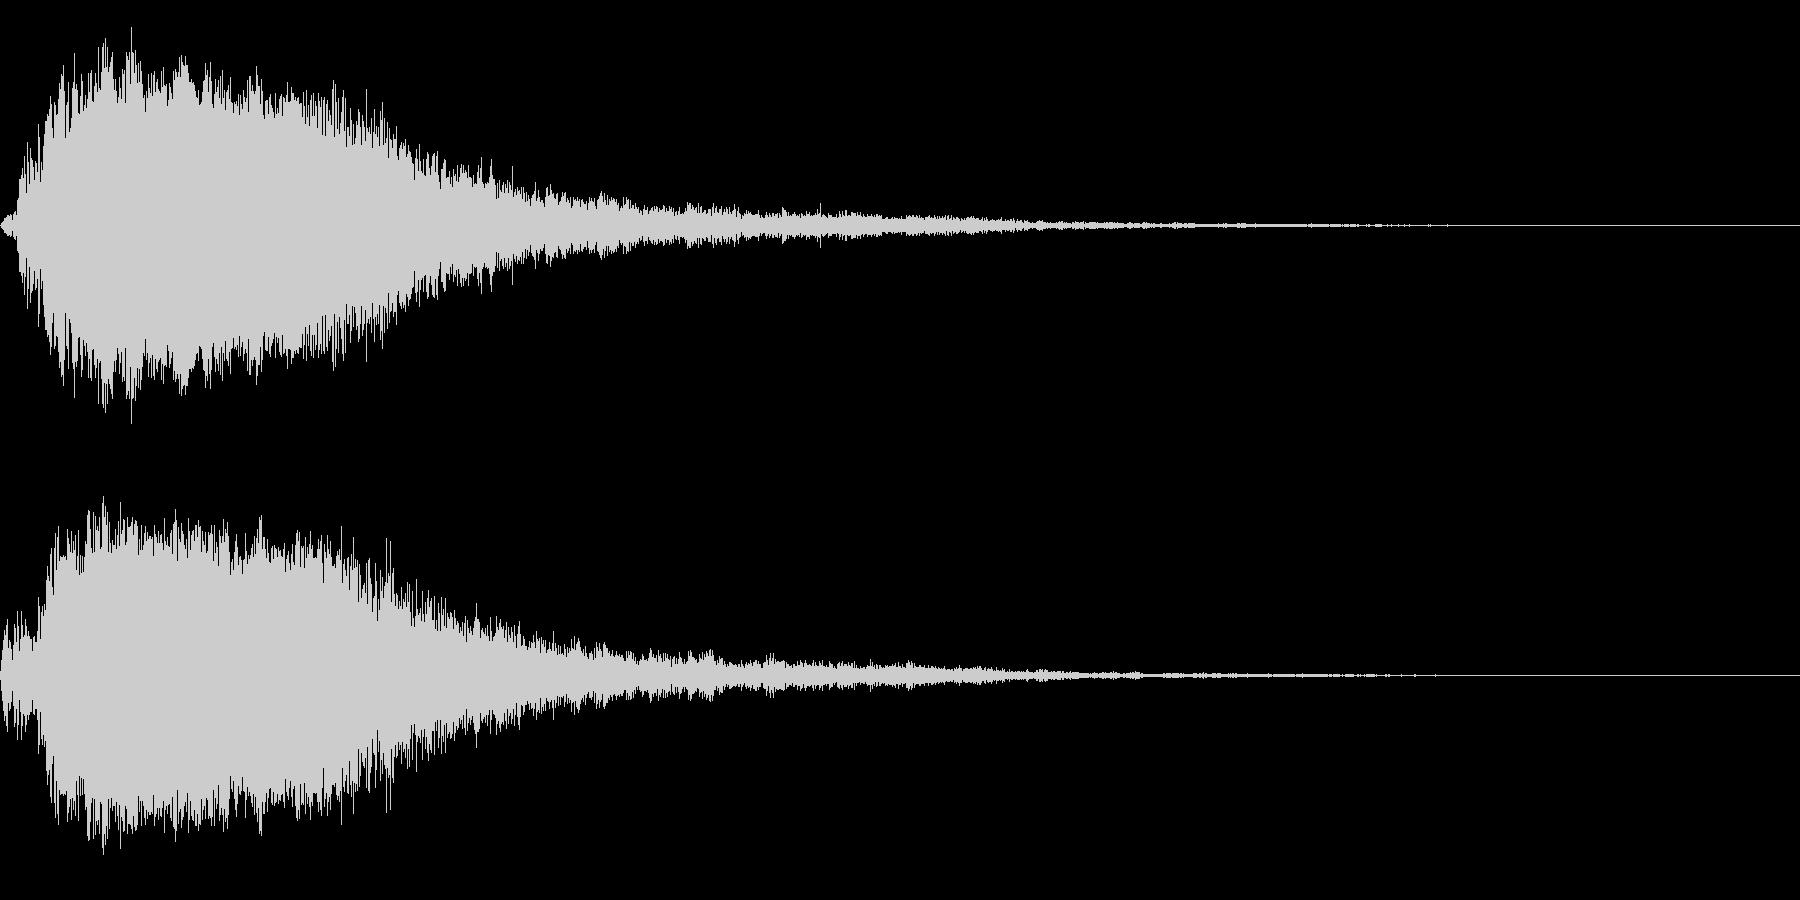 シャキーン!ド派手なインパクト効果音37の未再生の波形